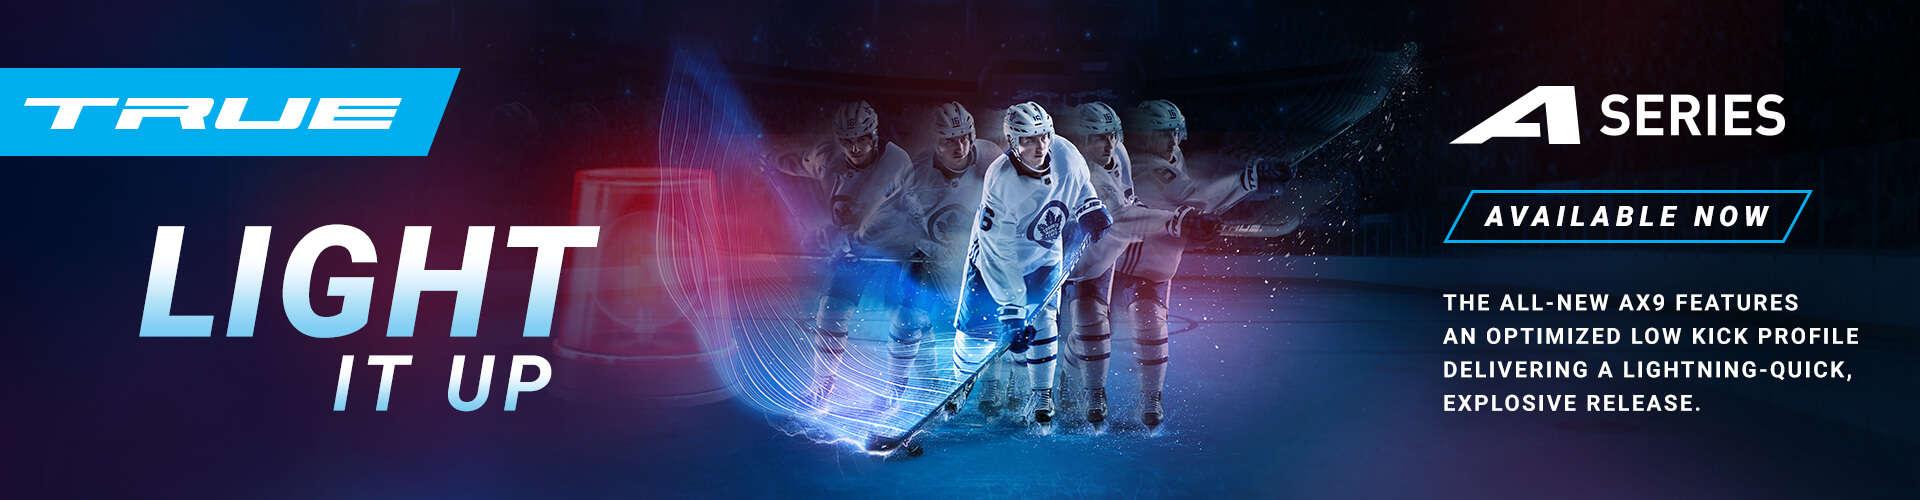 Hockey Products